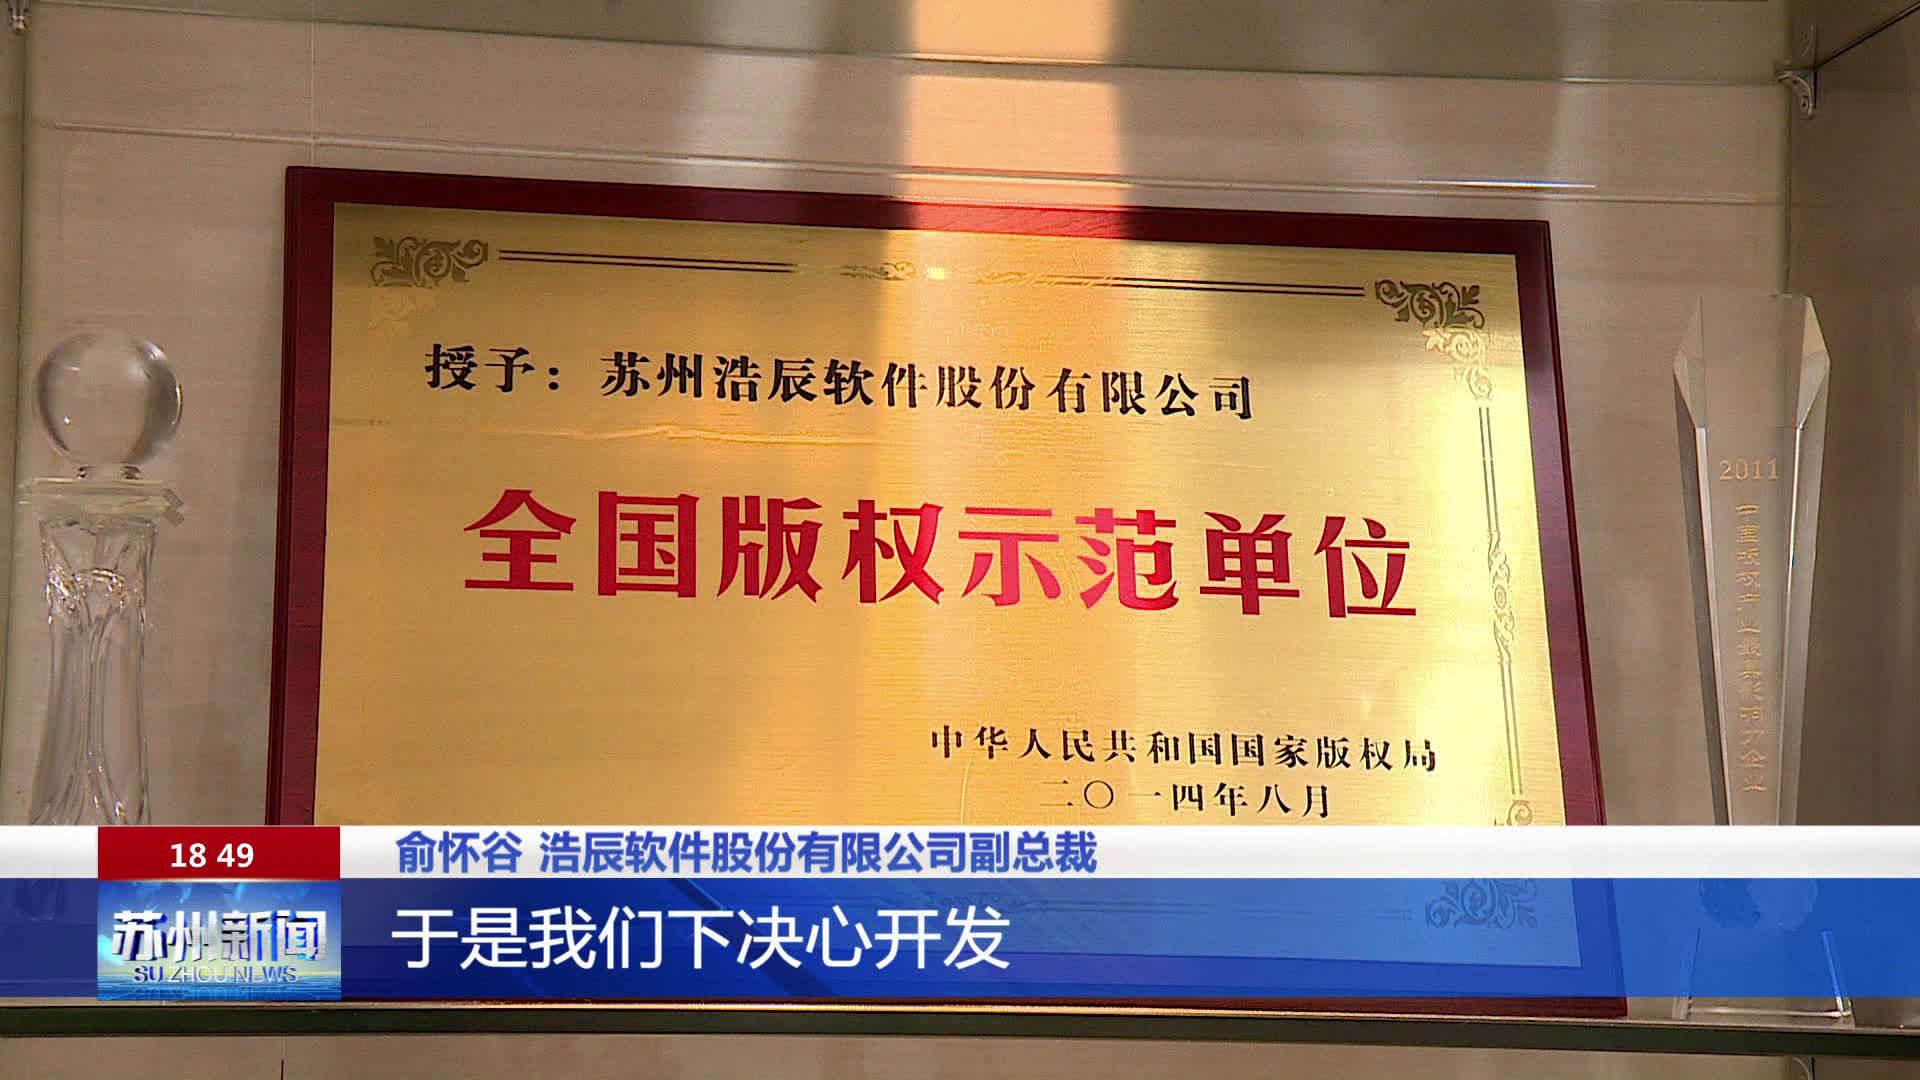 """打破国外壁垒  苏州企业十年磨一剑研发软件""""中国芯"""""""